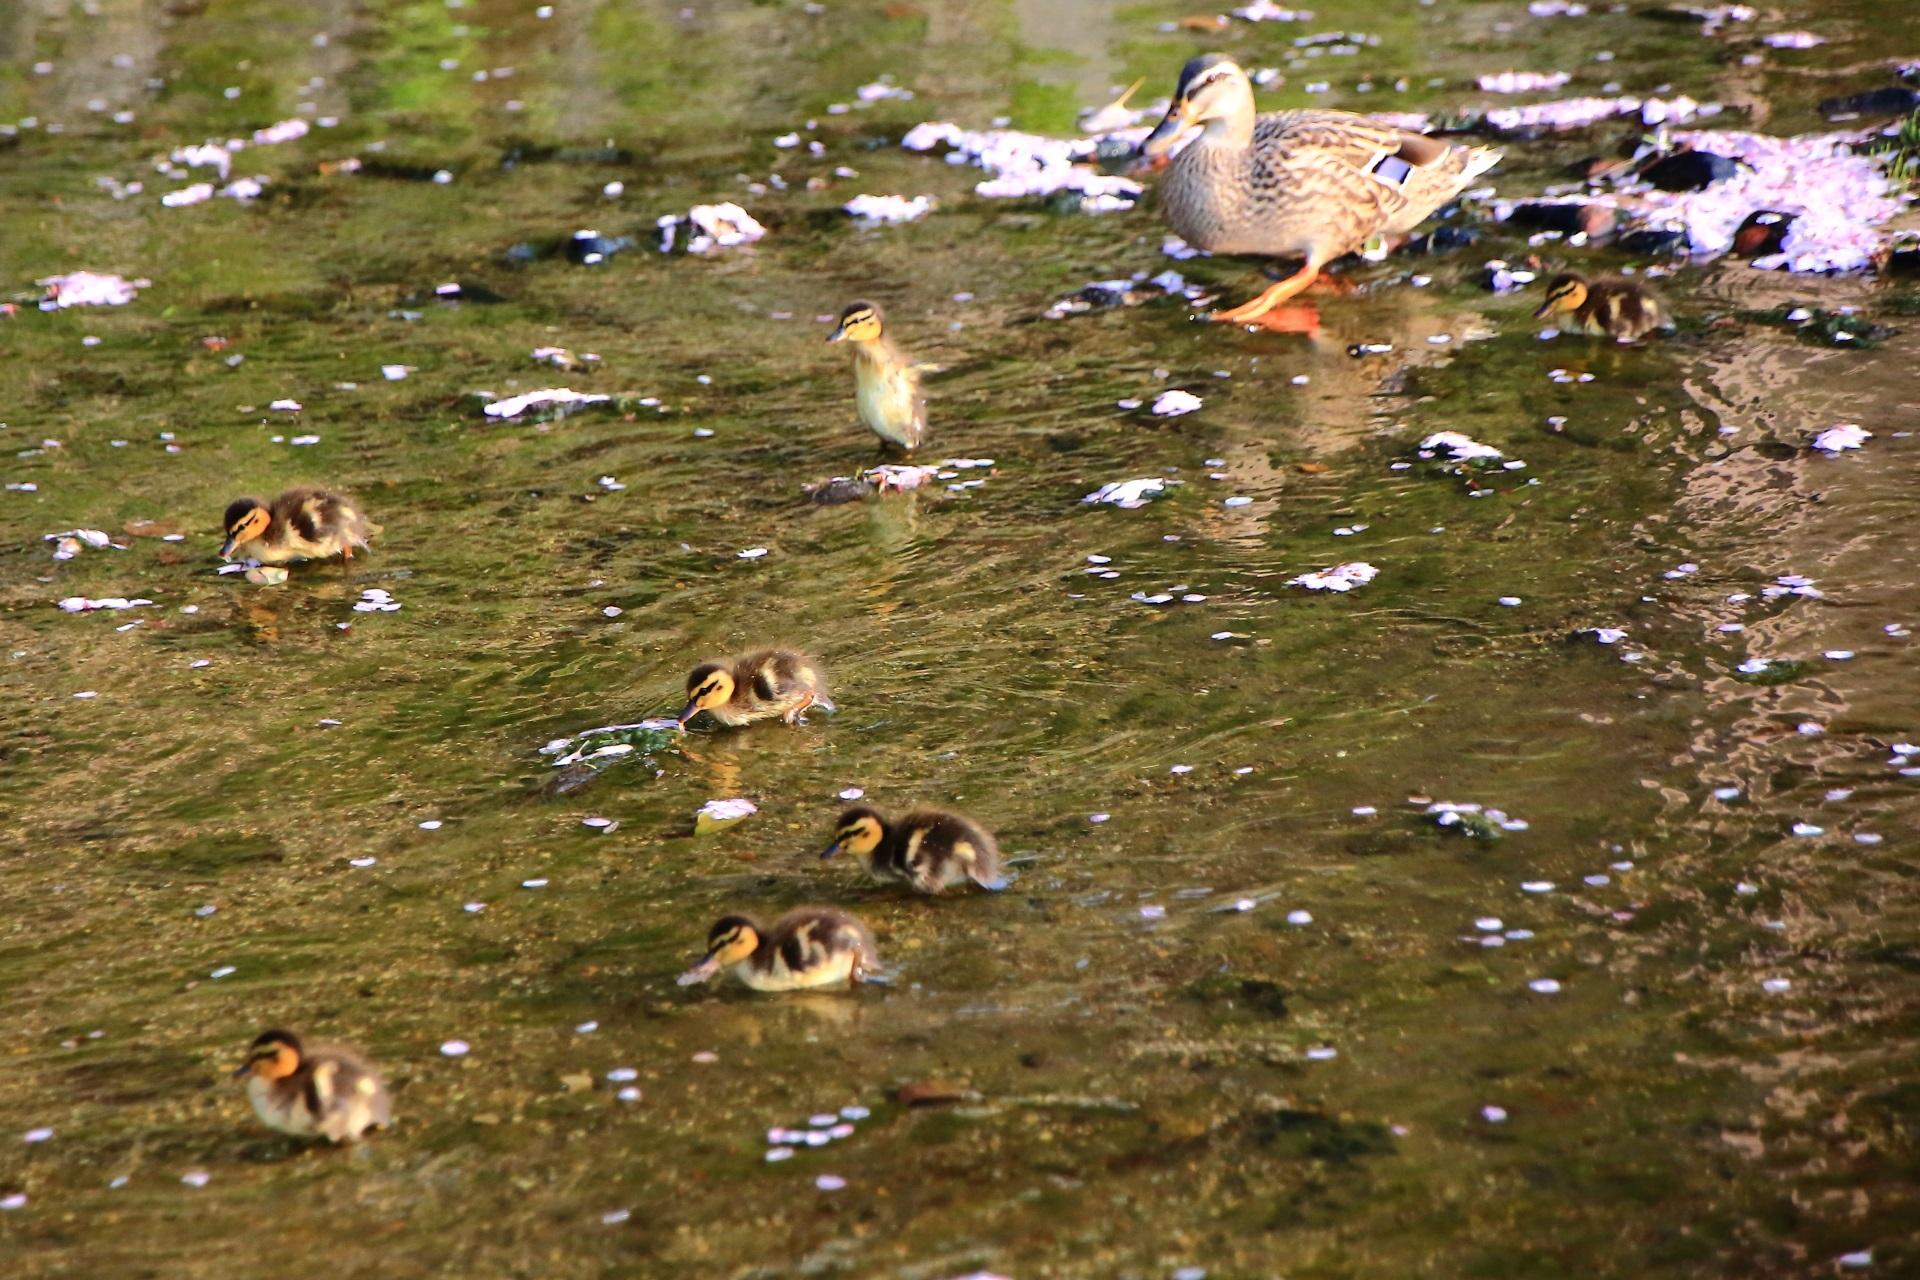 みそそぎ川 鴨の親子と桜 春の長閑な鴨川